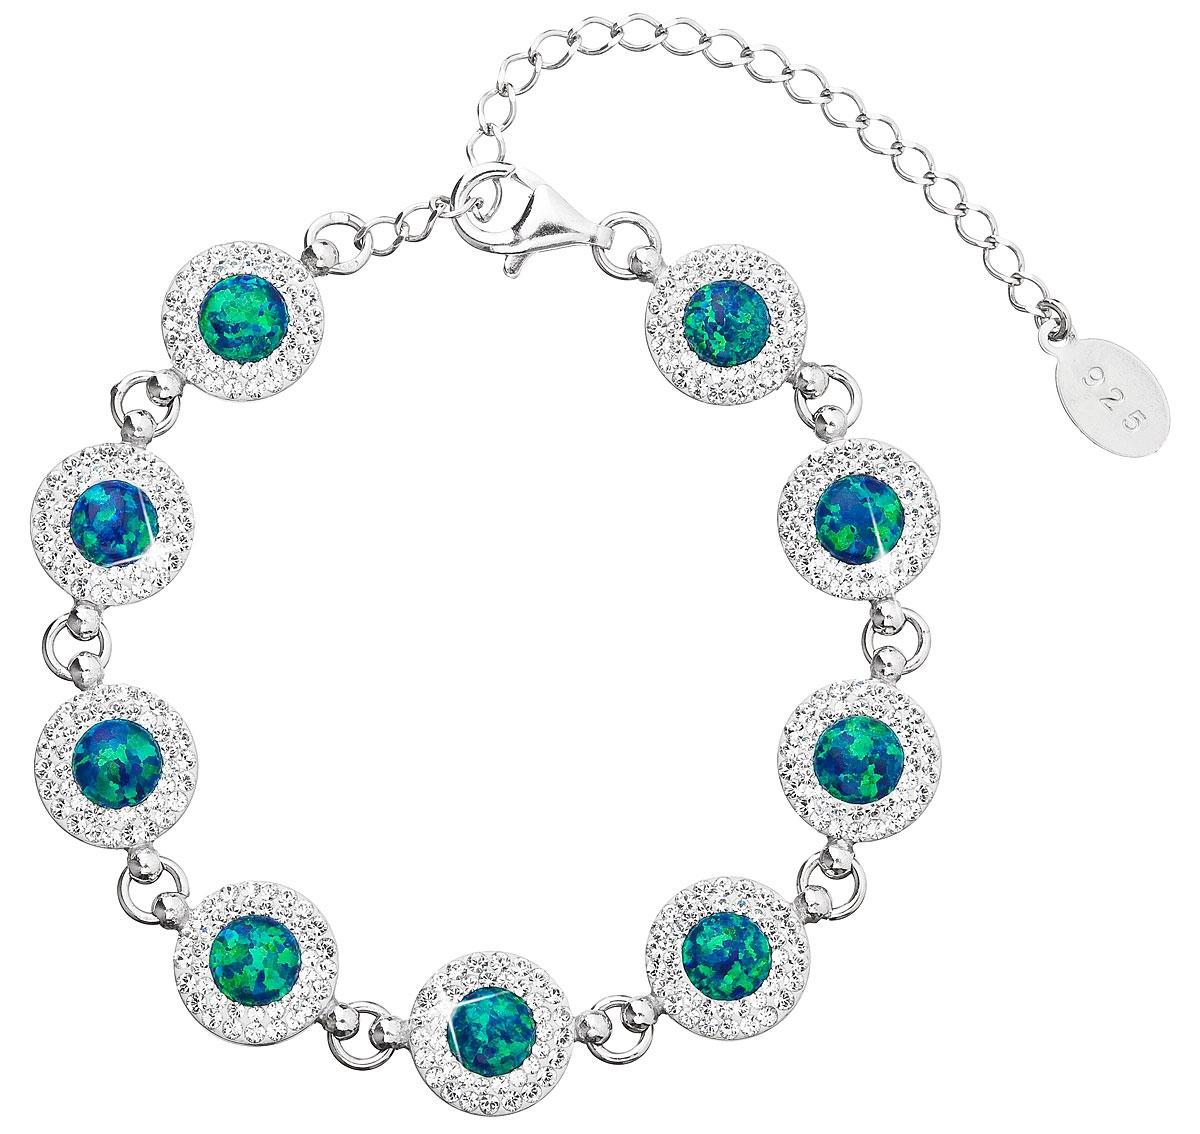 Stříbrný náramek s krystaly Crystals from Swarovski® a zelenými opály